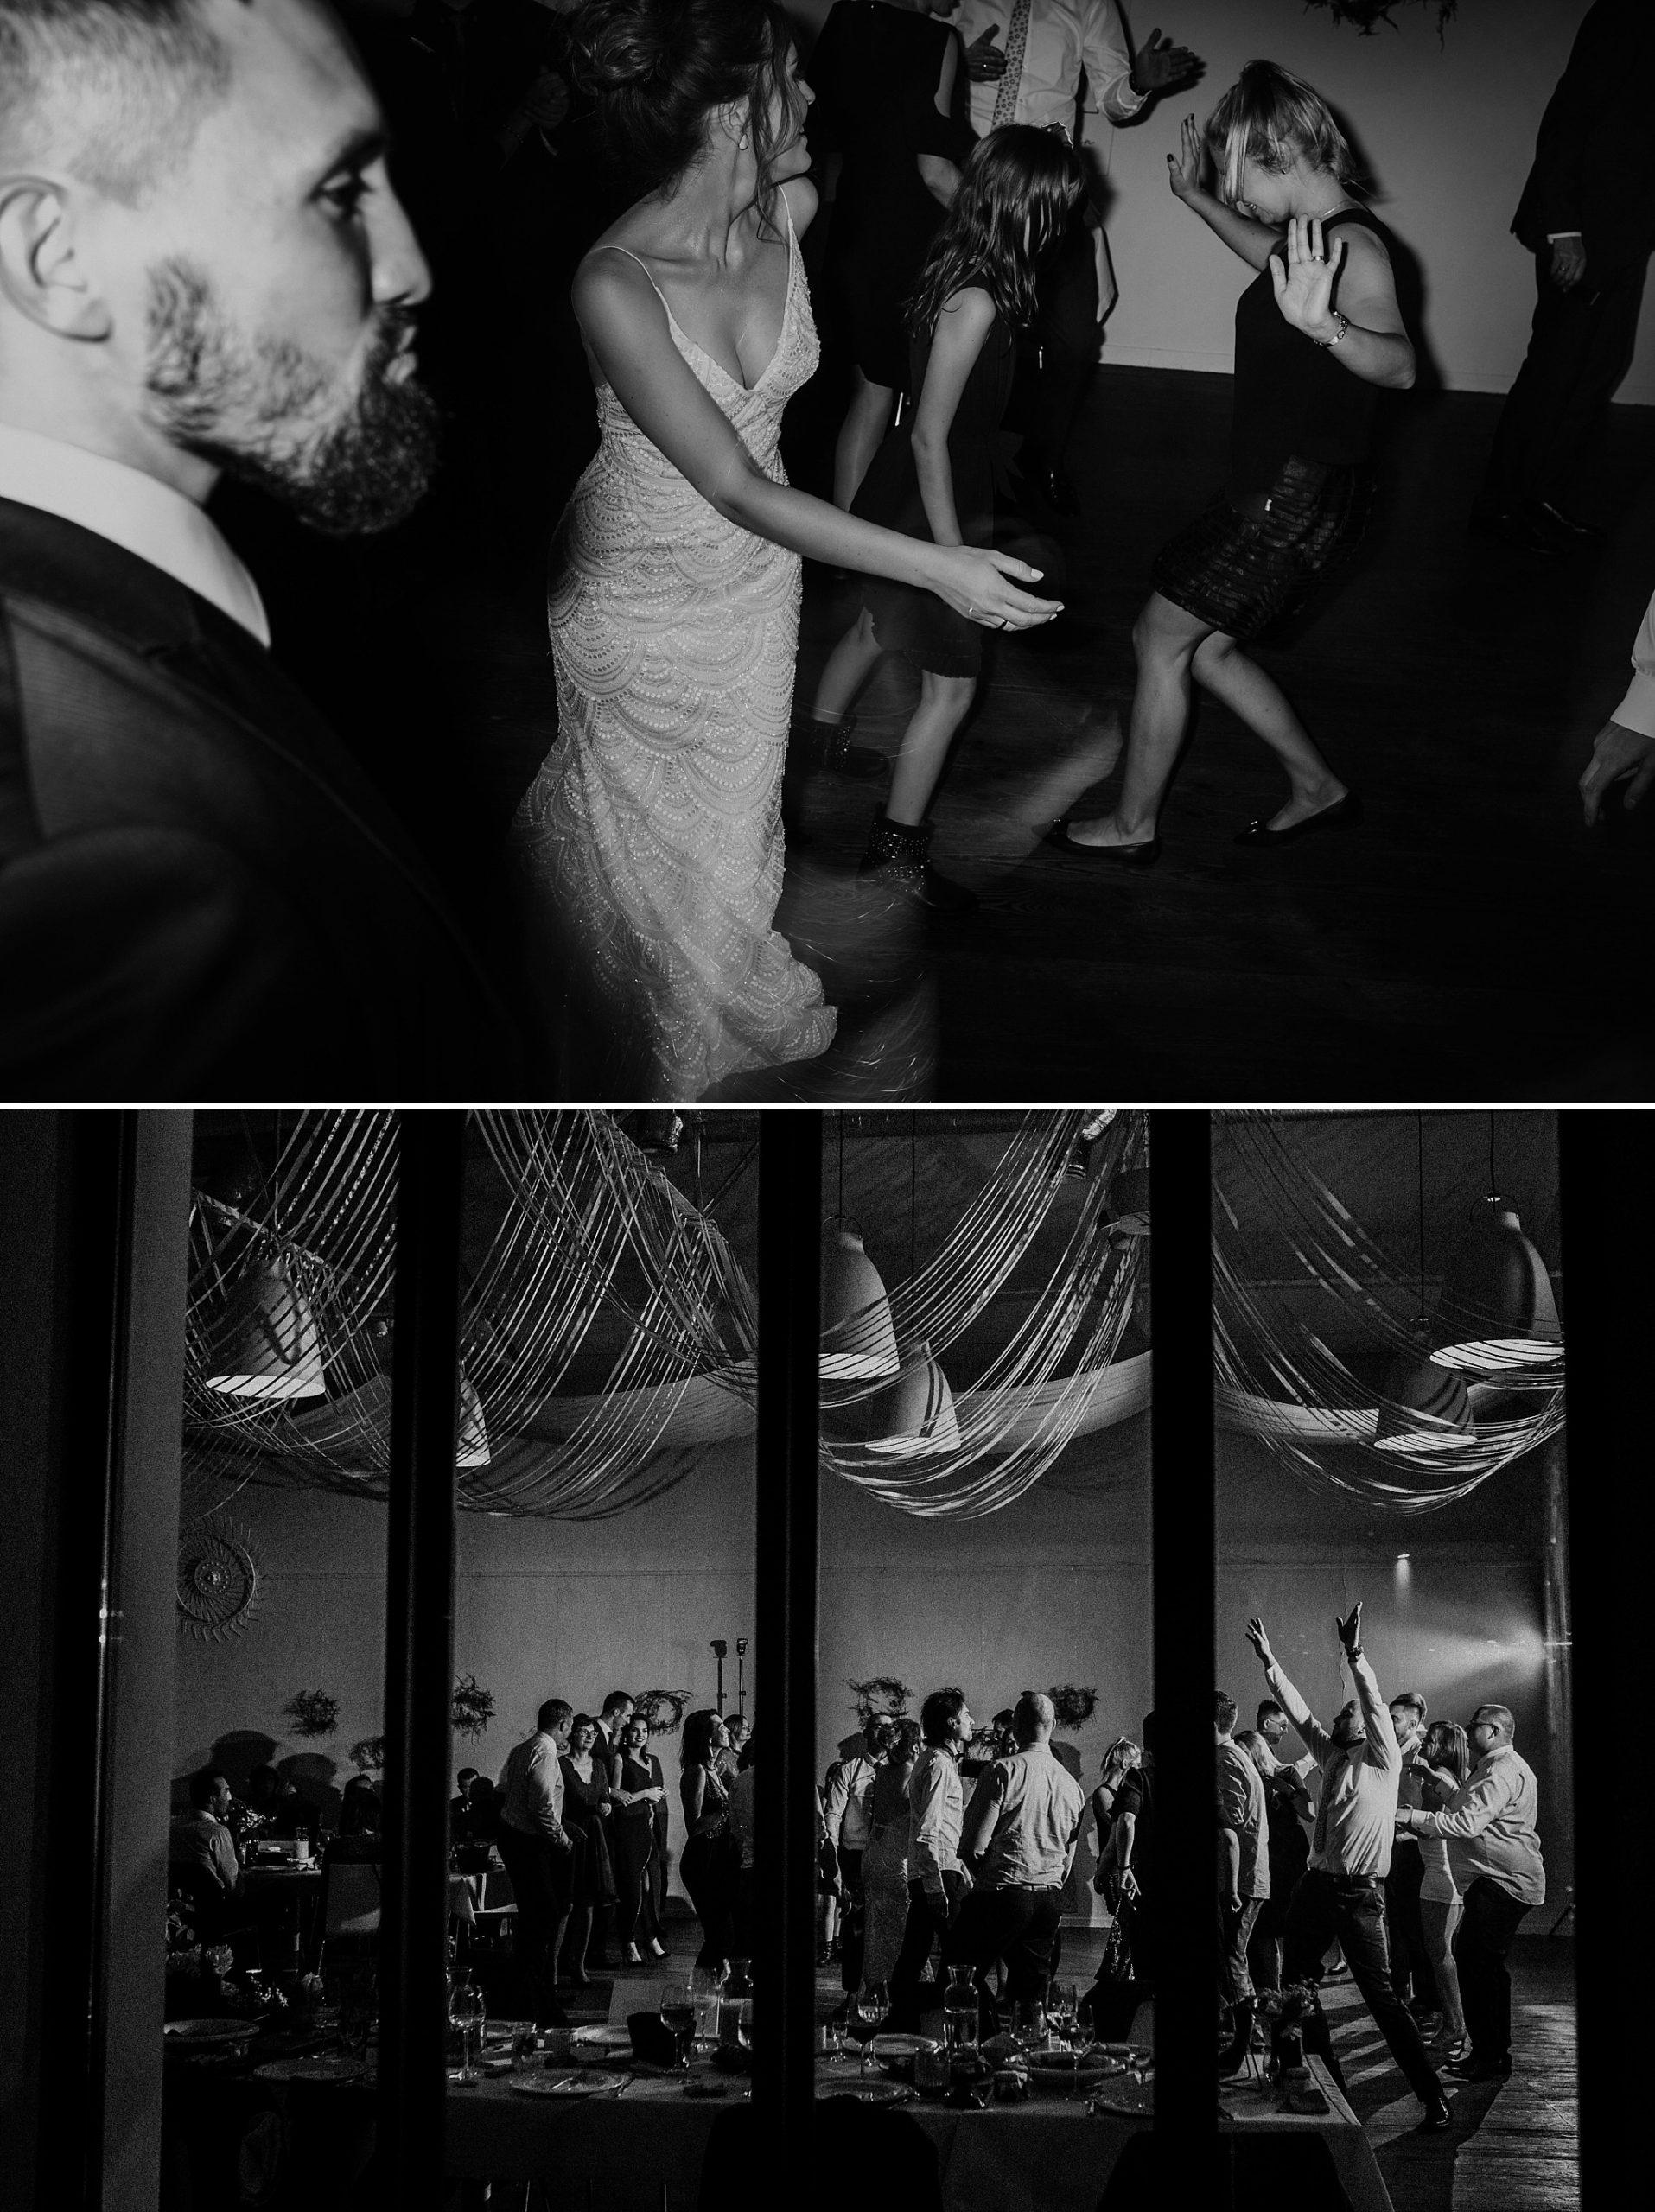 fotograf poznan wesele dobra truskawka piekne wesele pod poznaniem wesele w dobrej truskawce piekna para mloda slub marzen slub koronawirus slub listopad wesele koronawirus 443 scaled